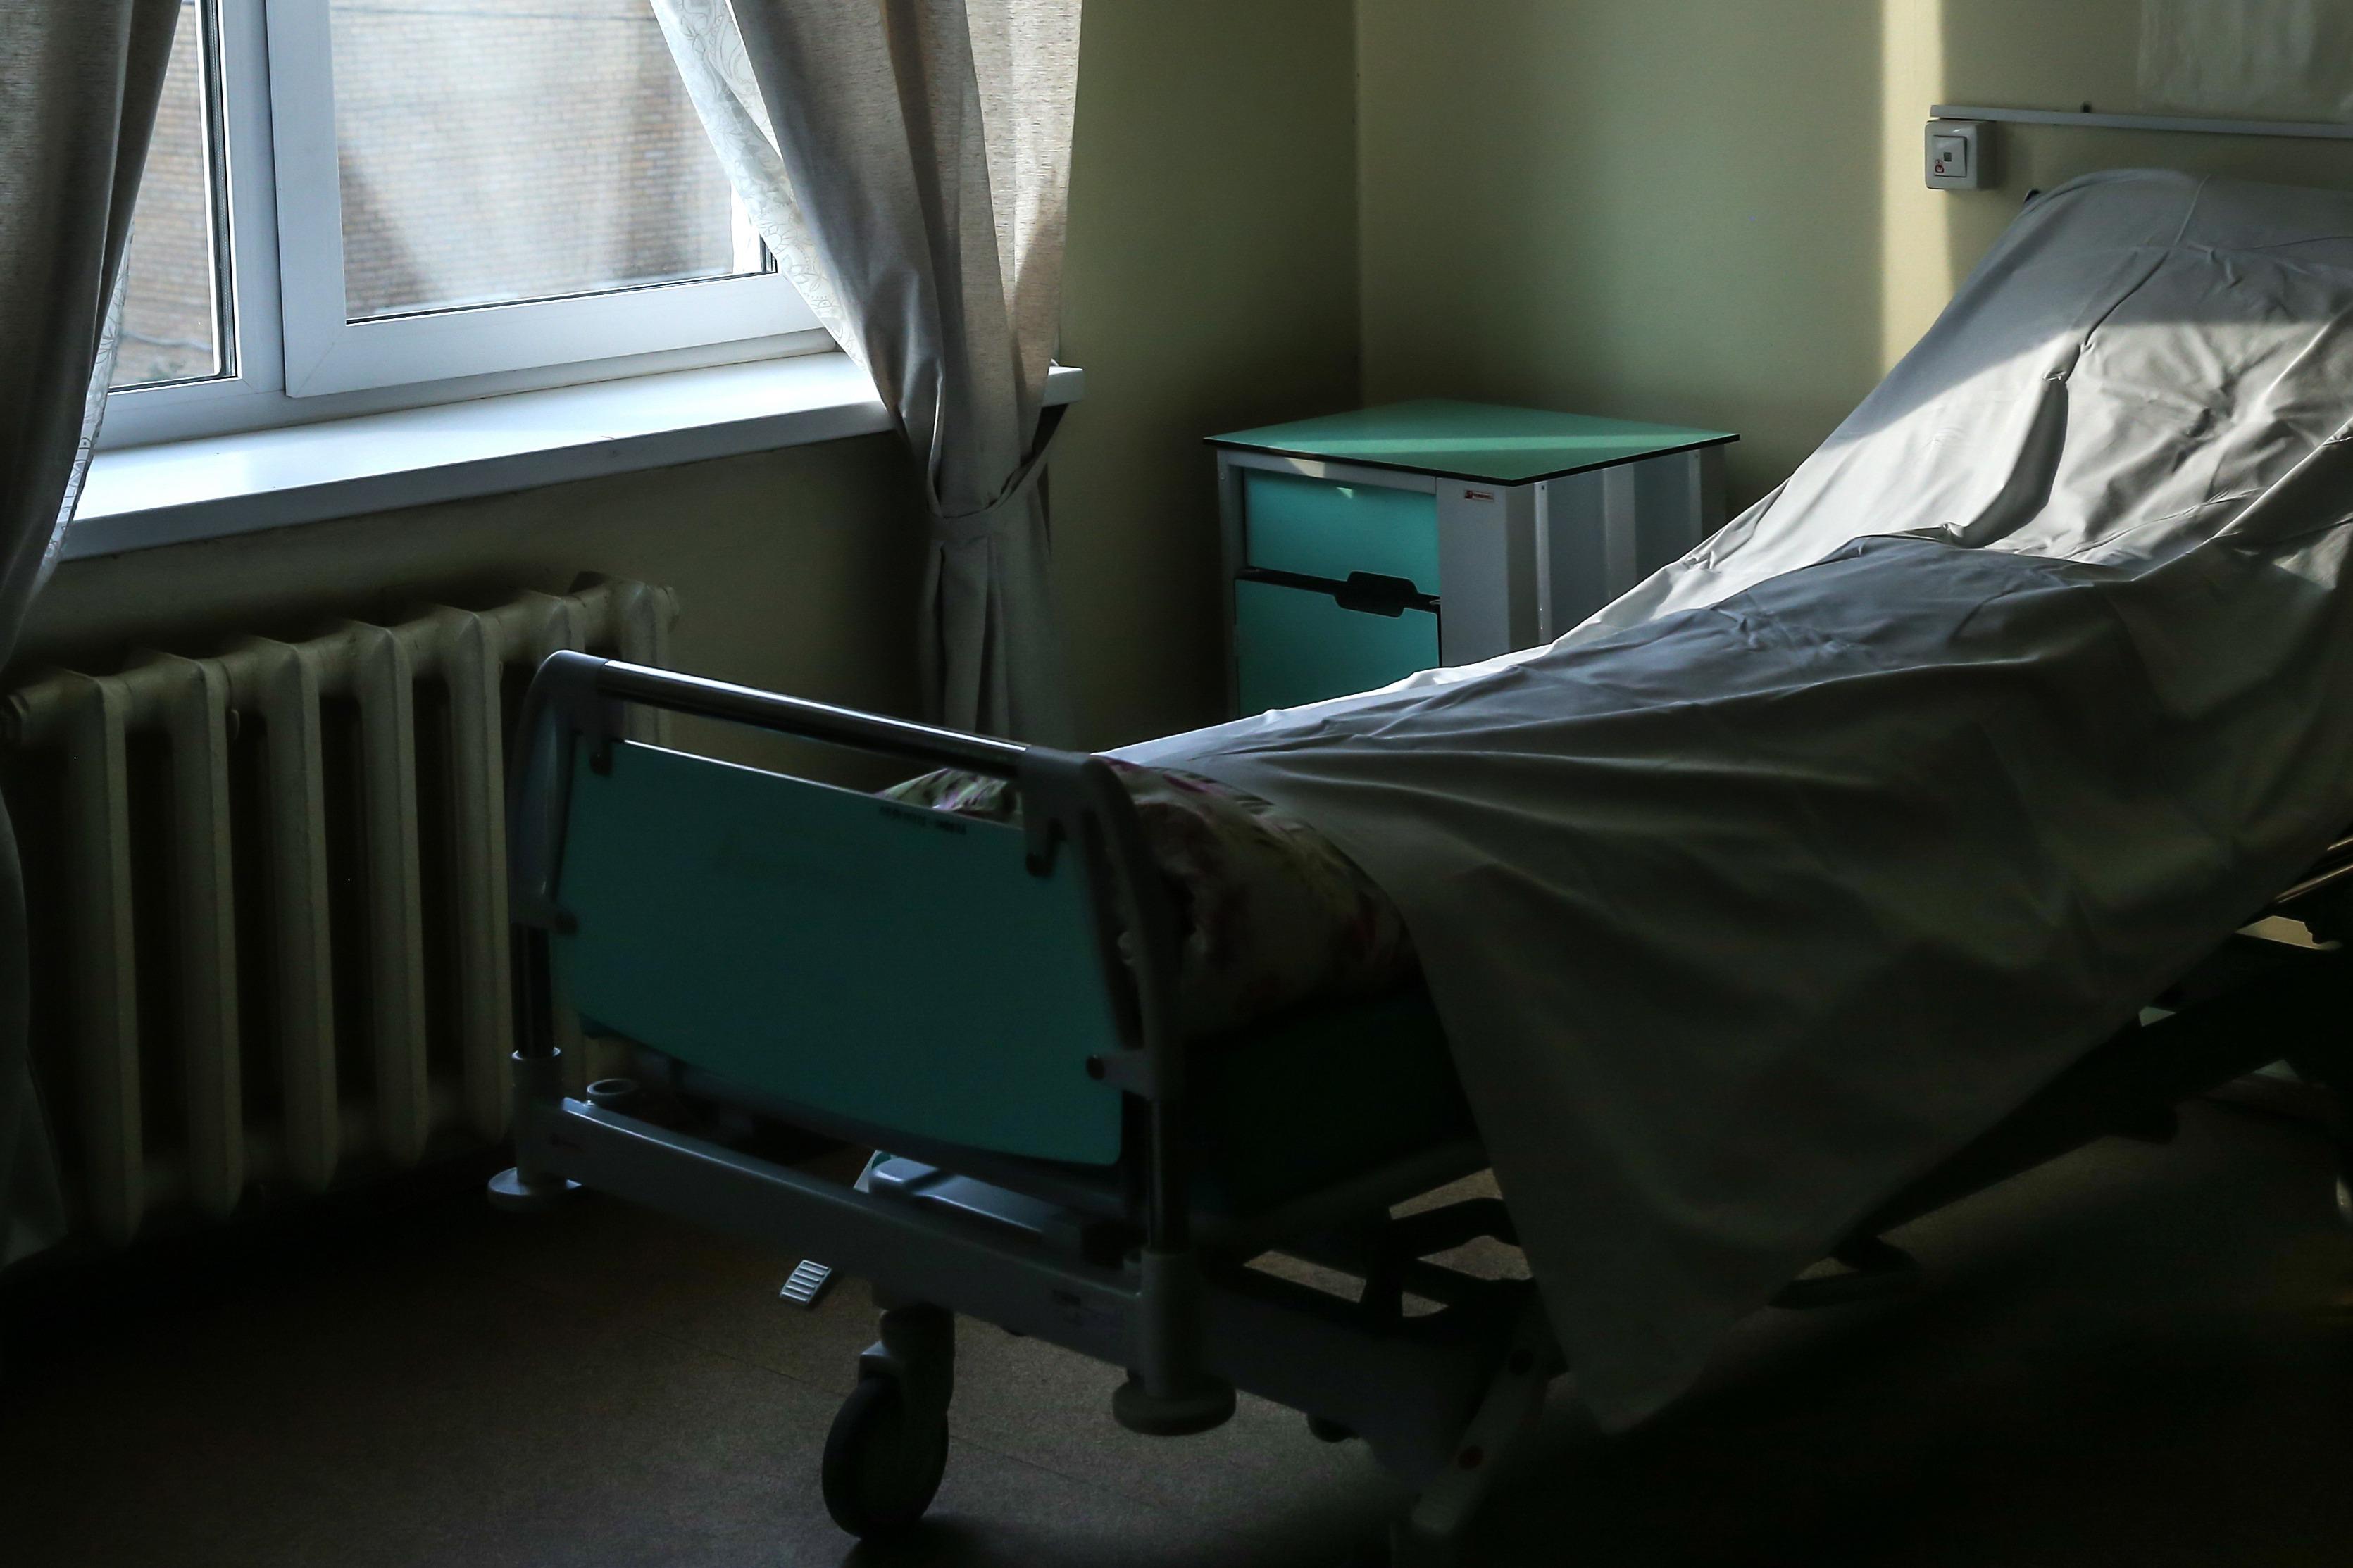 В Ингушетии скончался потерпевший при взрыве на АЗС ребенок